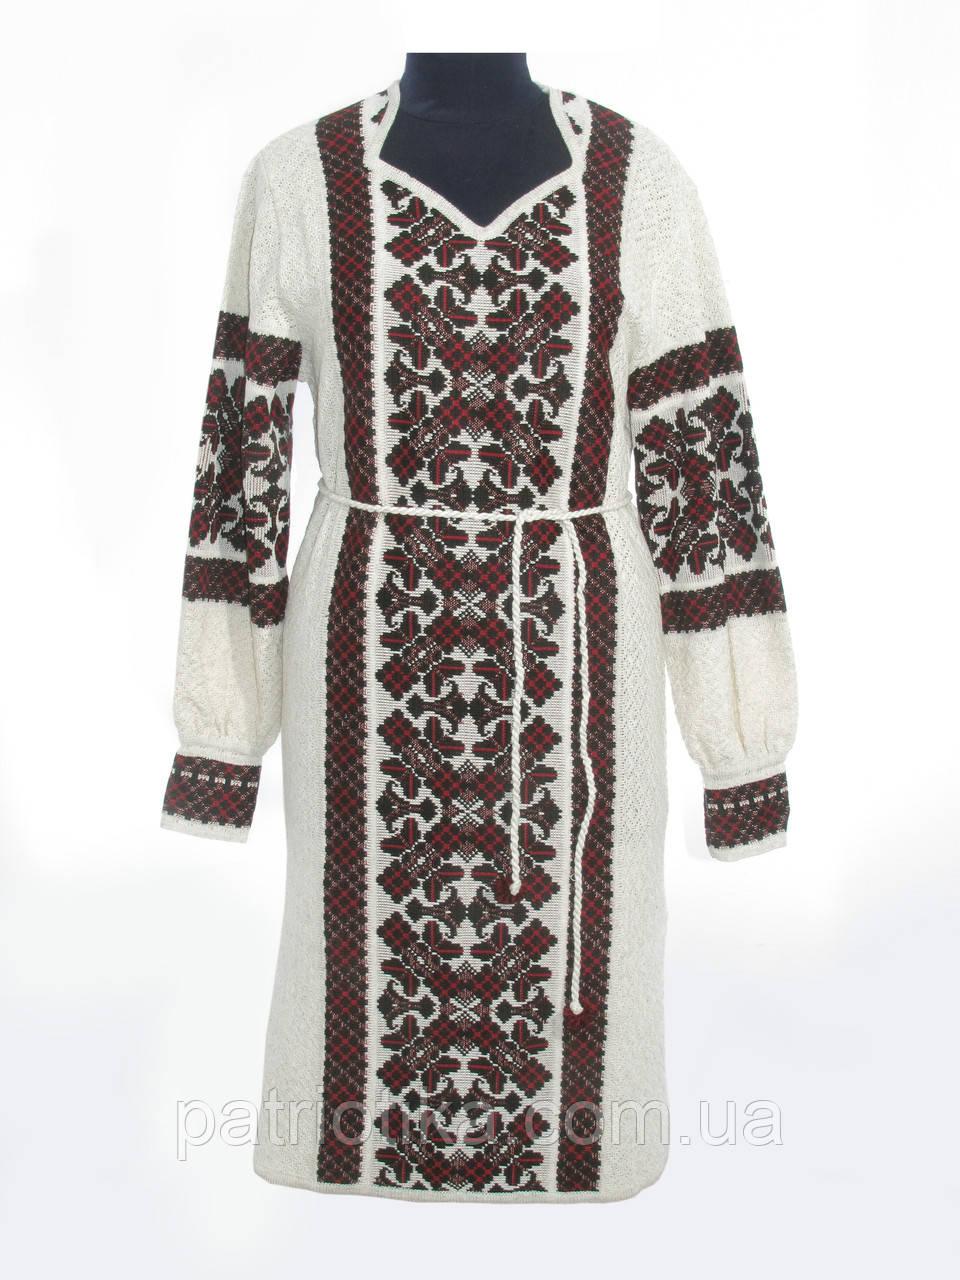 Платье вязаное Крестики черно-красные   Плаття в'язане Хрестики чорно-червоні